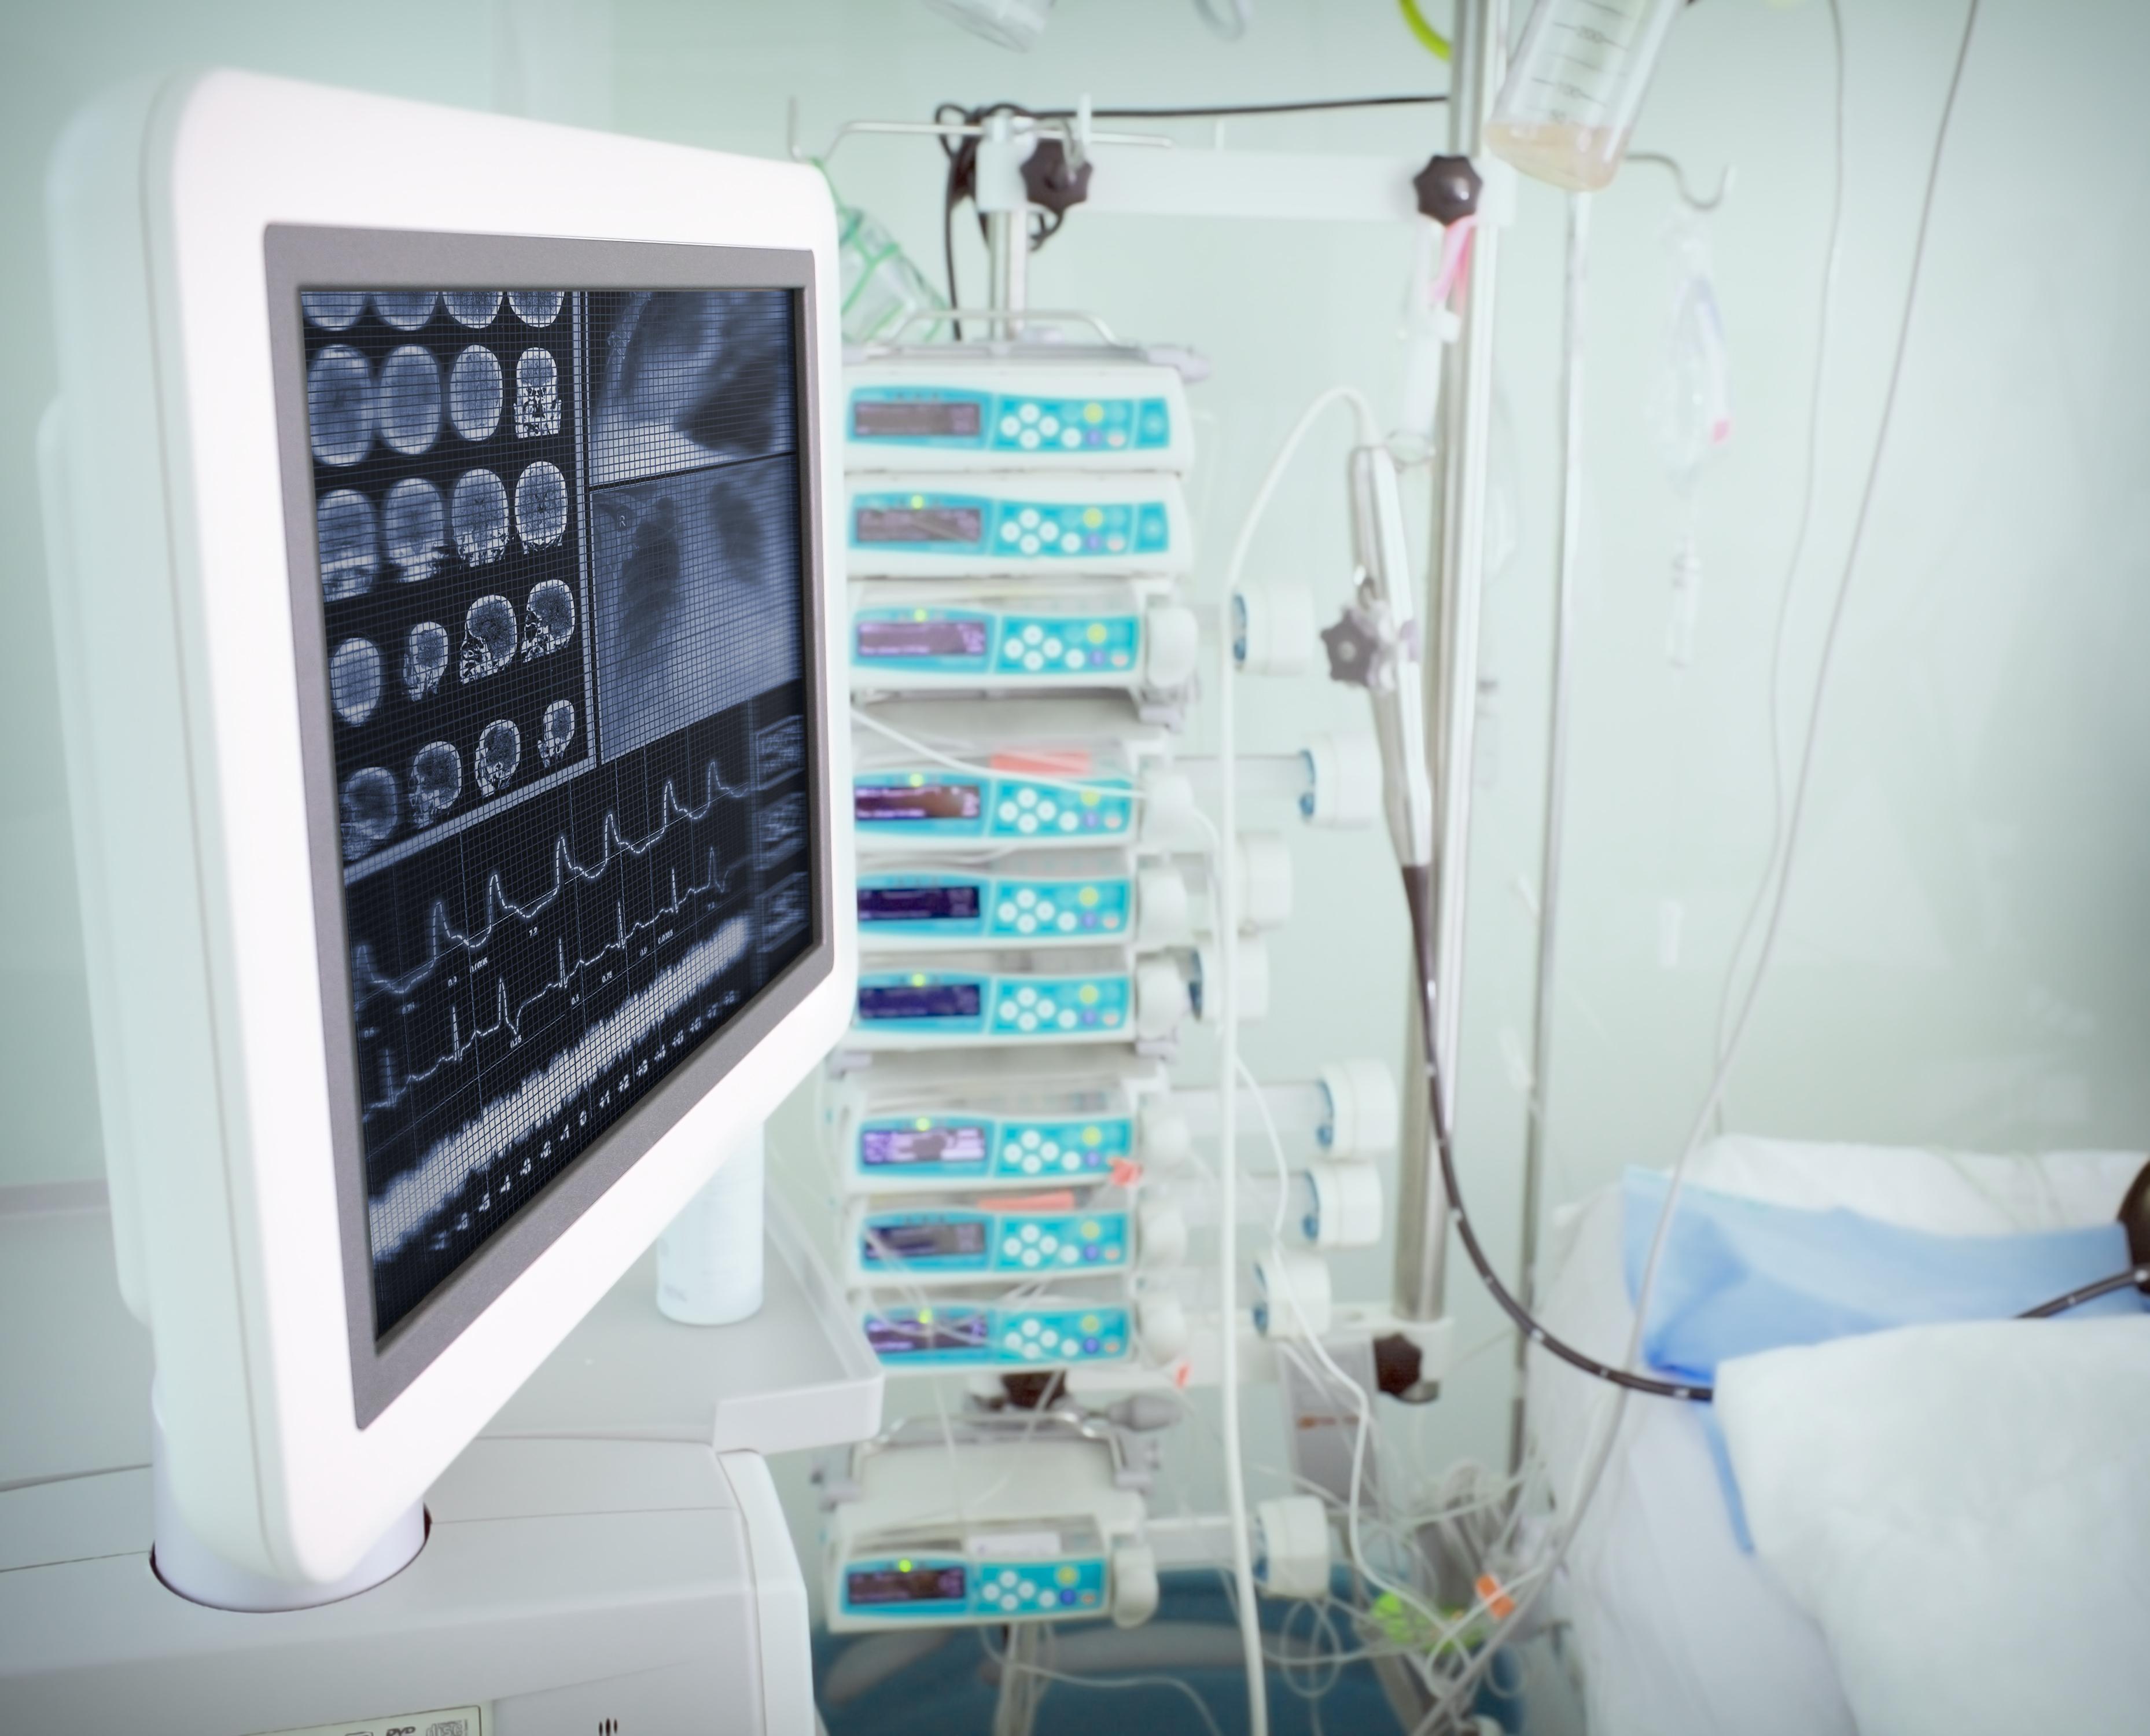 Mobilny system do drenażu dróg oddechowych